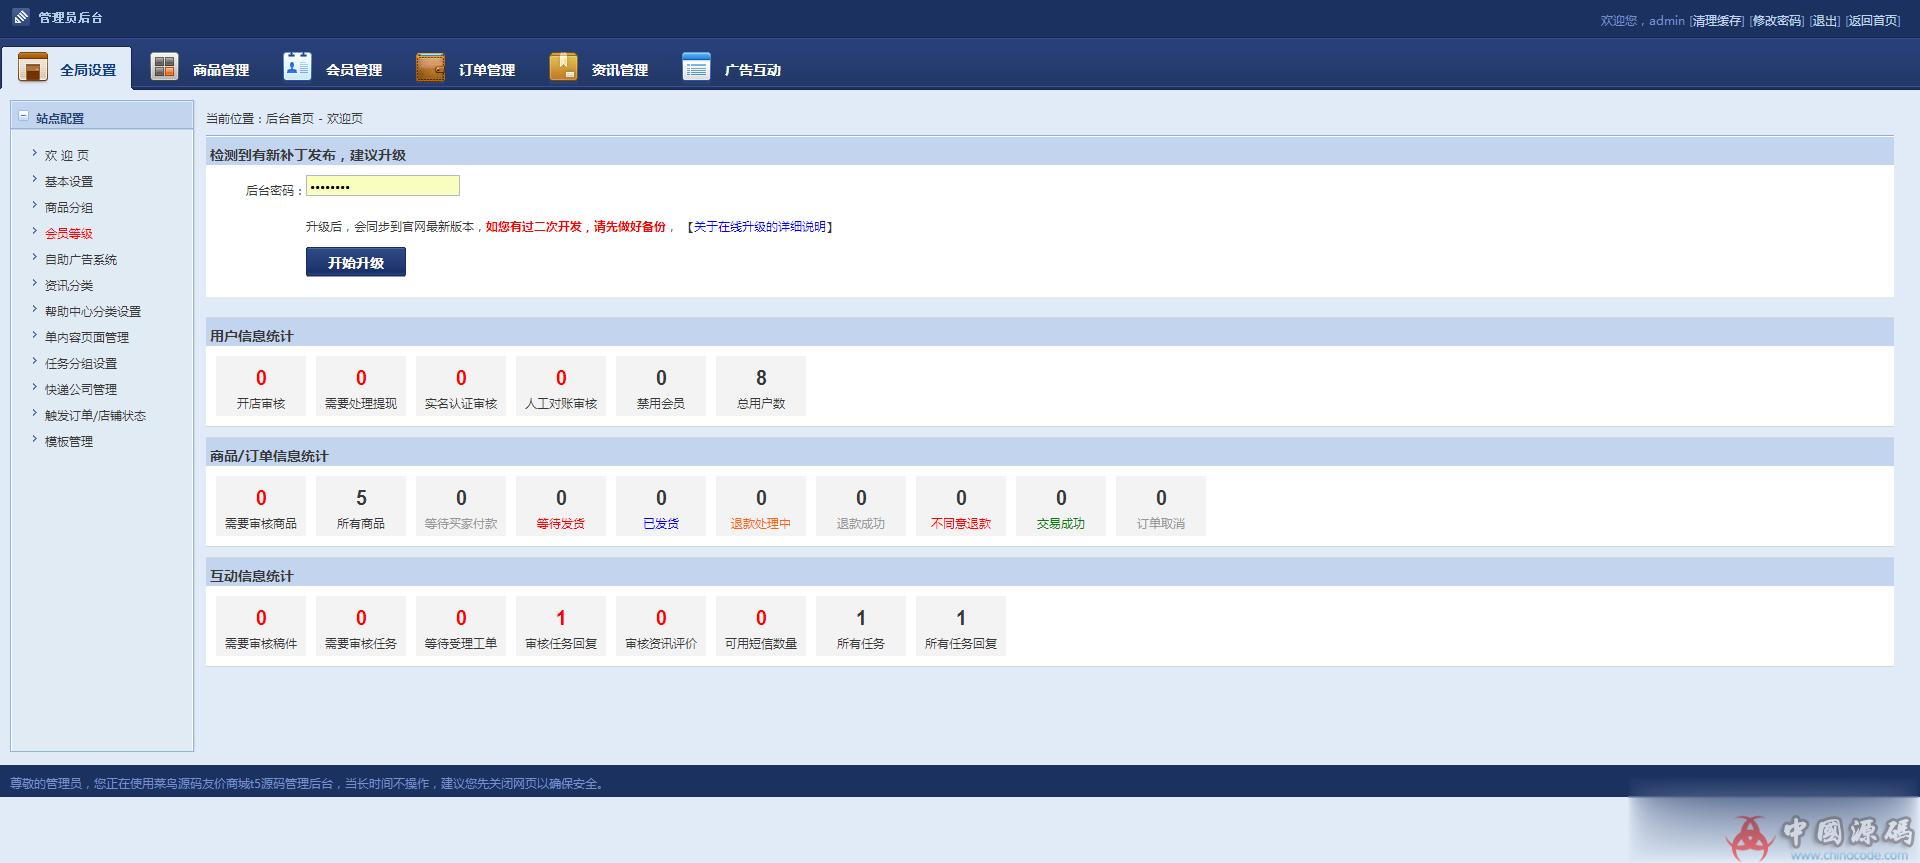 星期派正版数字交易平台源码友价T5内核加上星期派源码交易系统绿白风格模板 网站-第3张